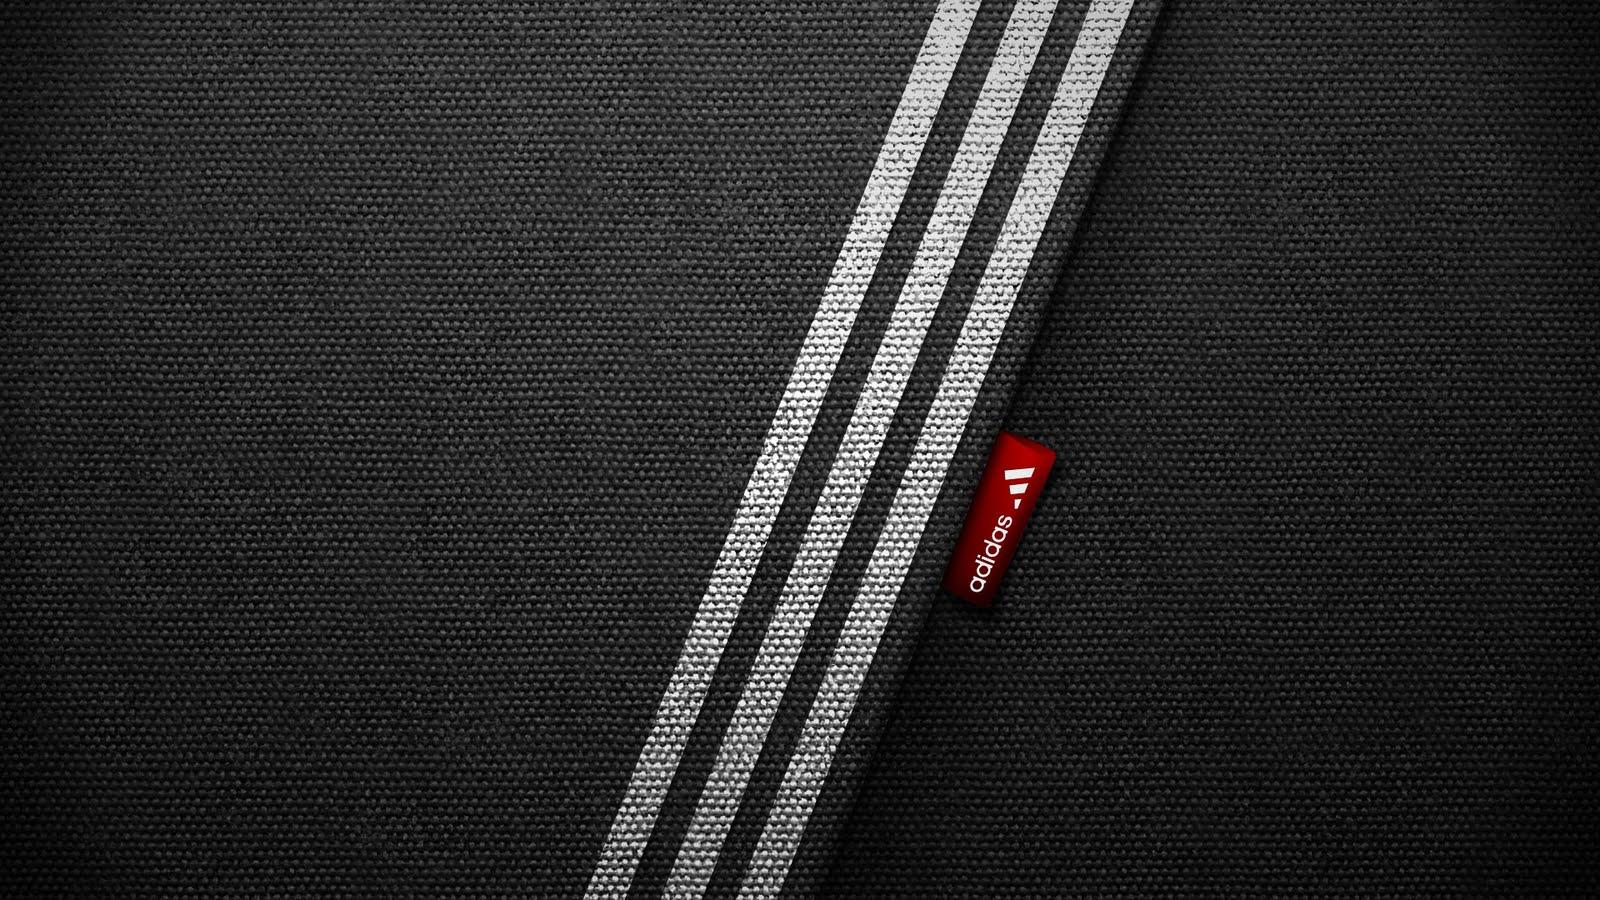 Wallpaper hd wallpaper adidas - Adidas football hd wallpapers ...